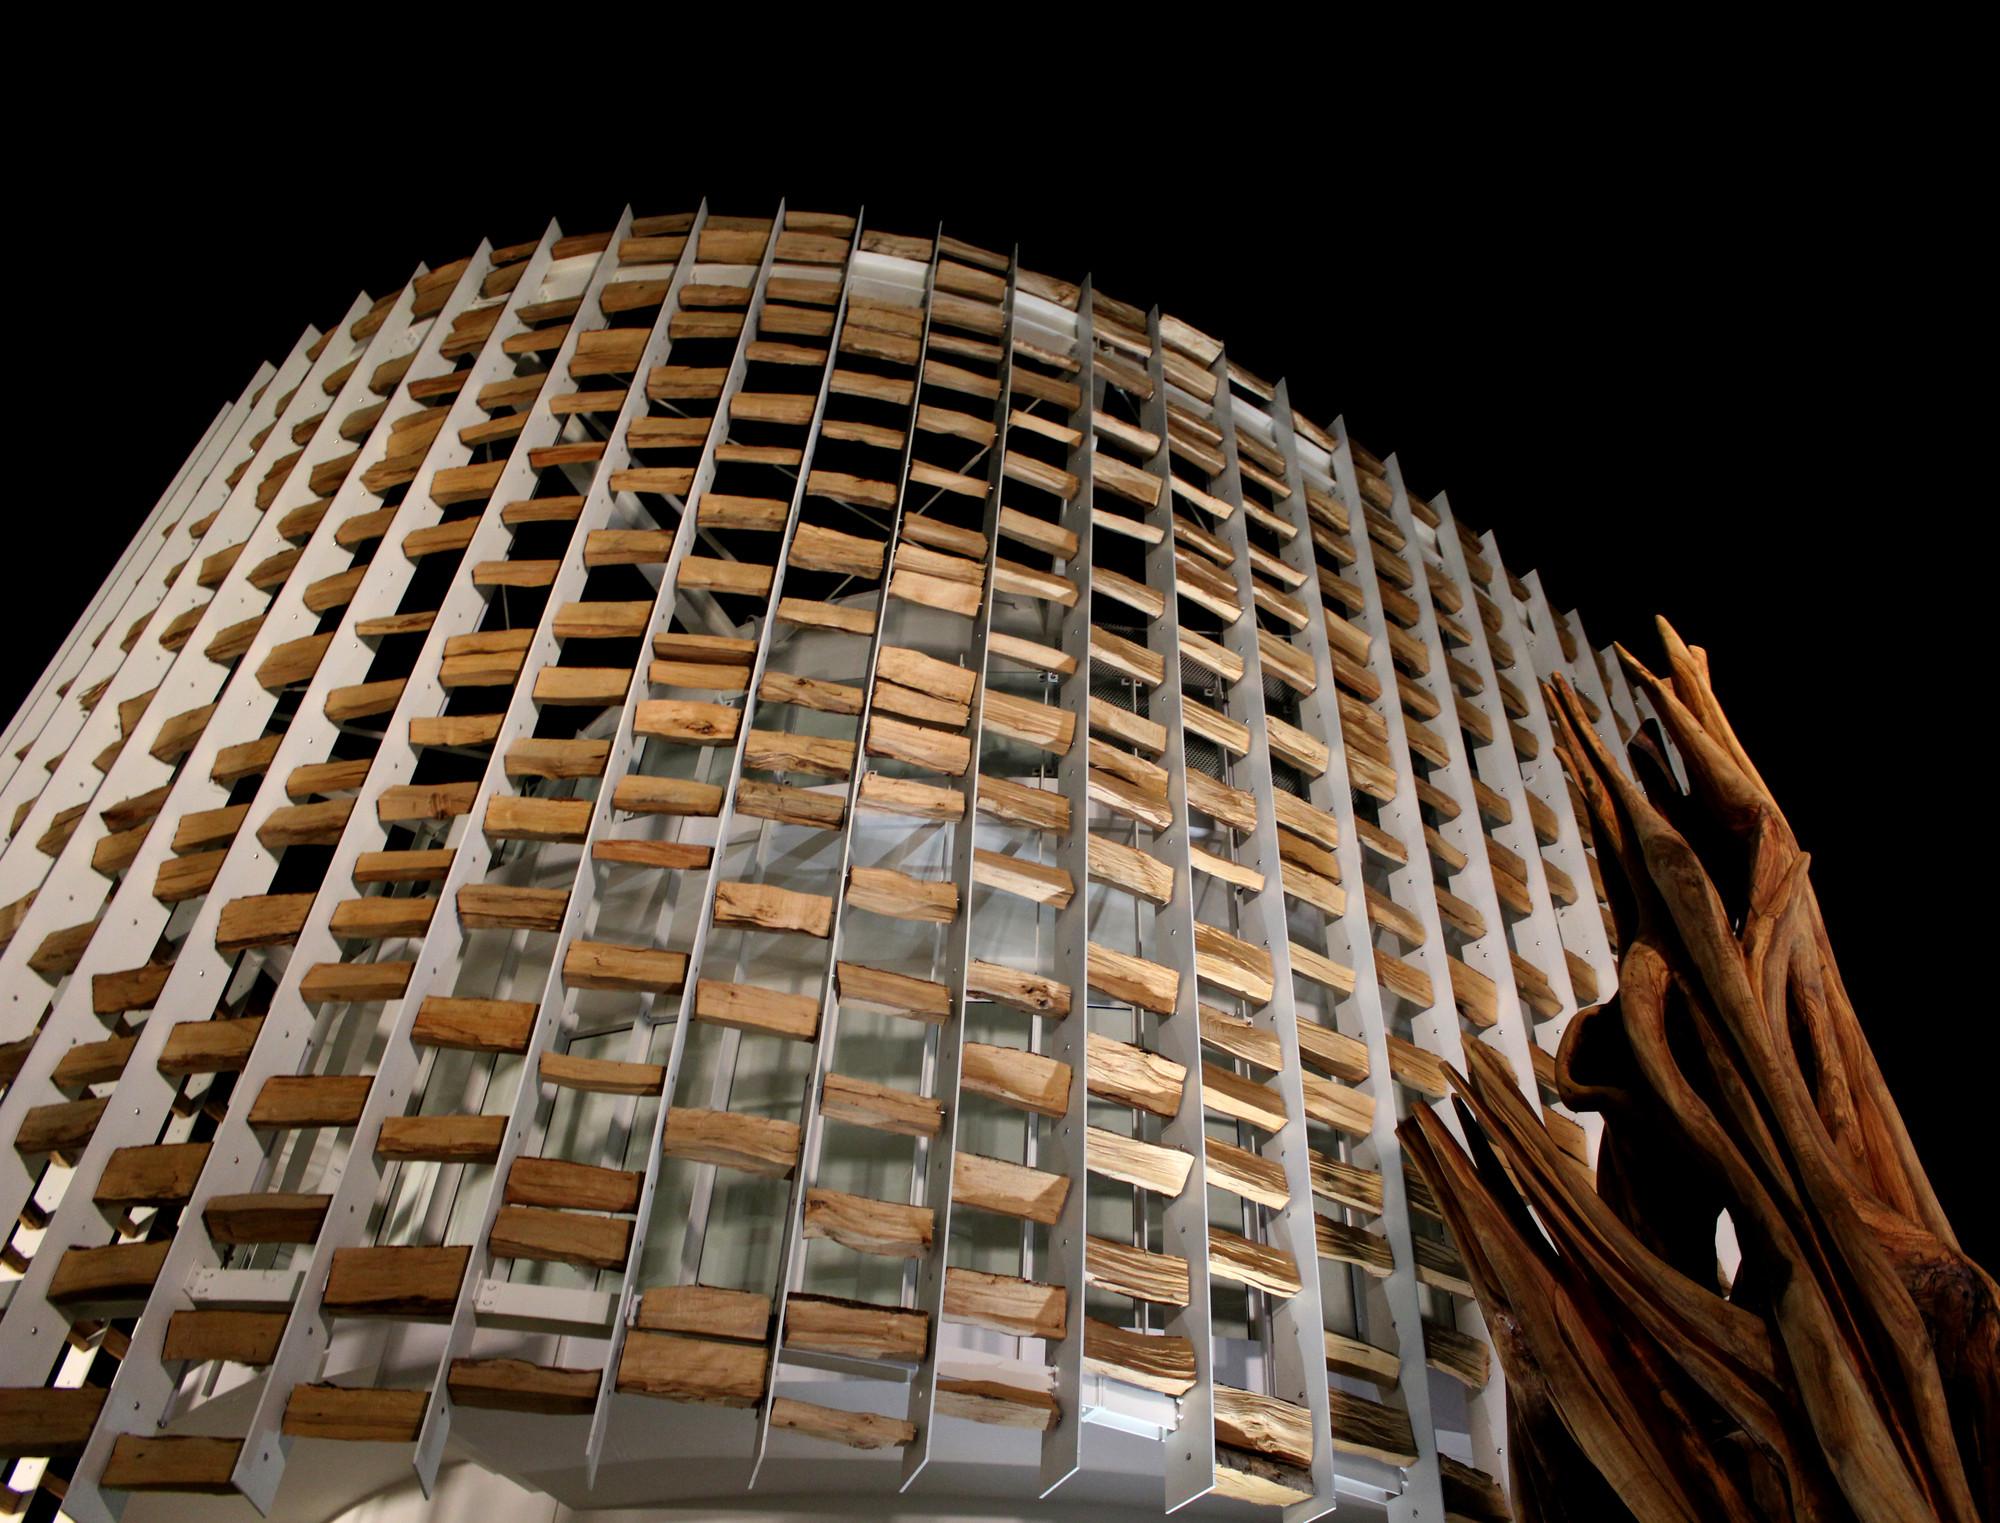 Expo Milán 2015: Pabellón de Uruguay, Cortesia de INAC